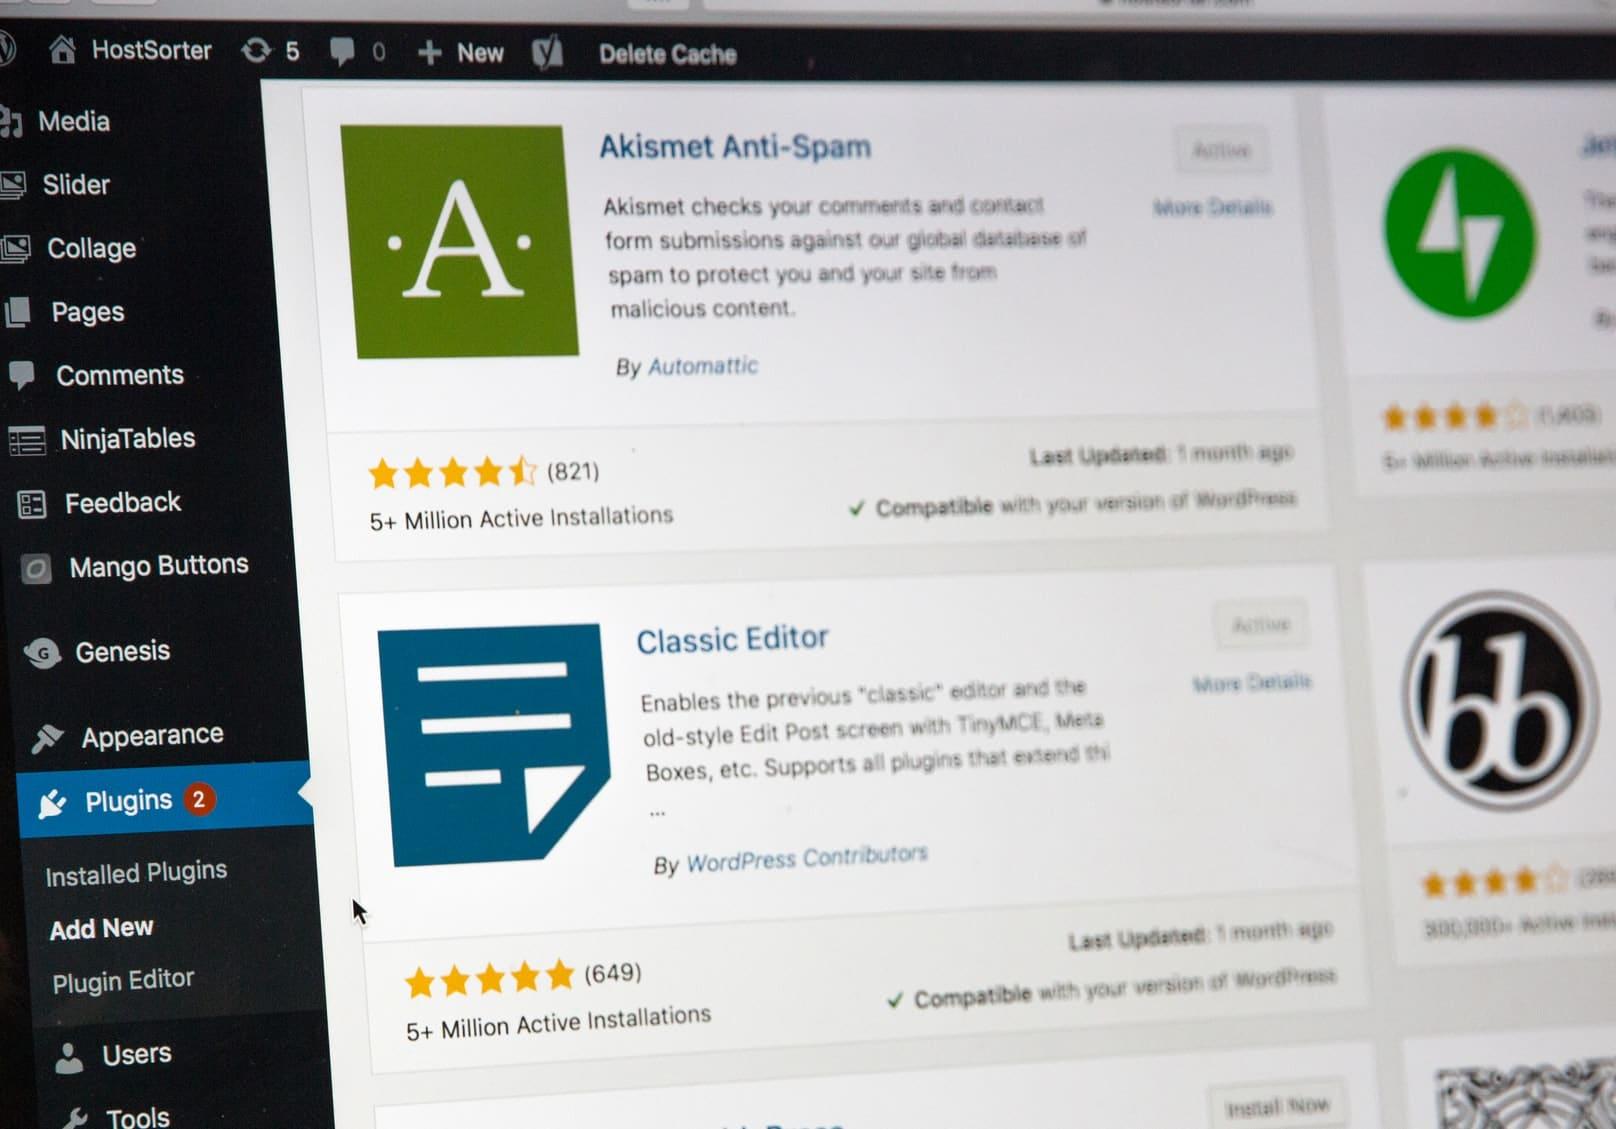 Descubre los beneficios de utilizar un CMS para desarrollar páginas web y eCommerce